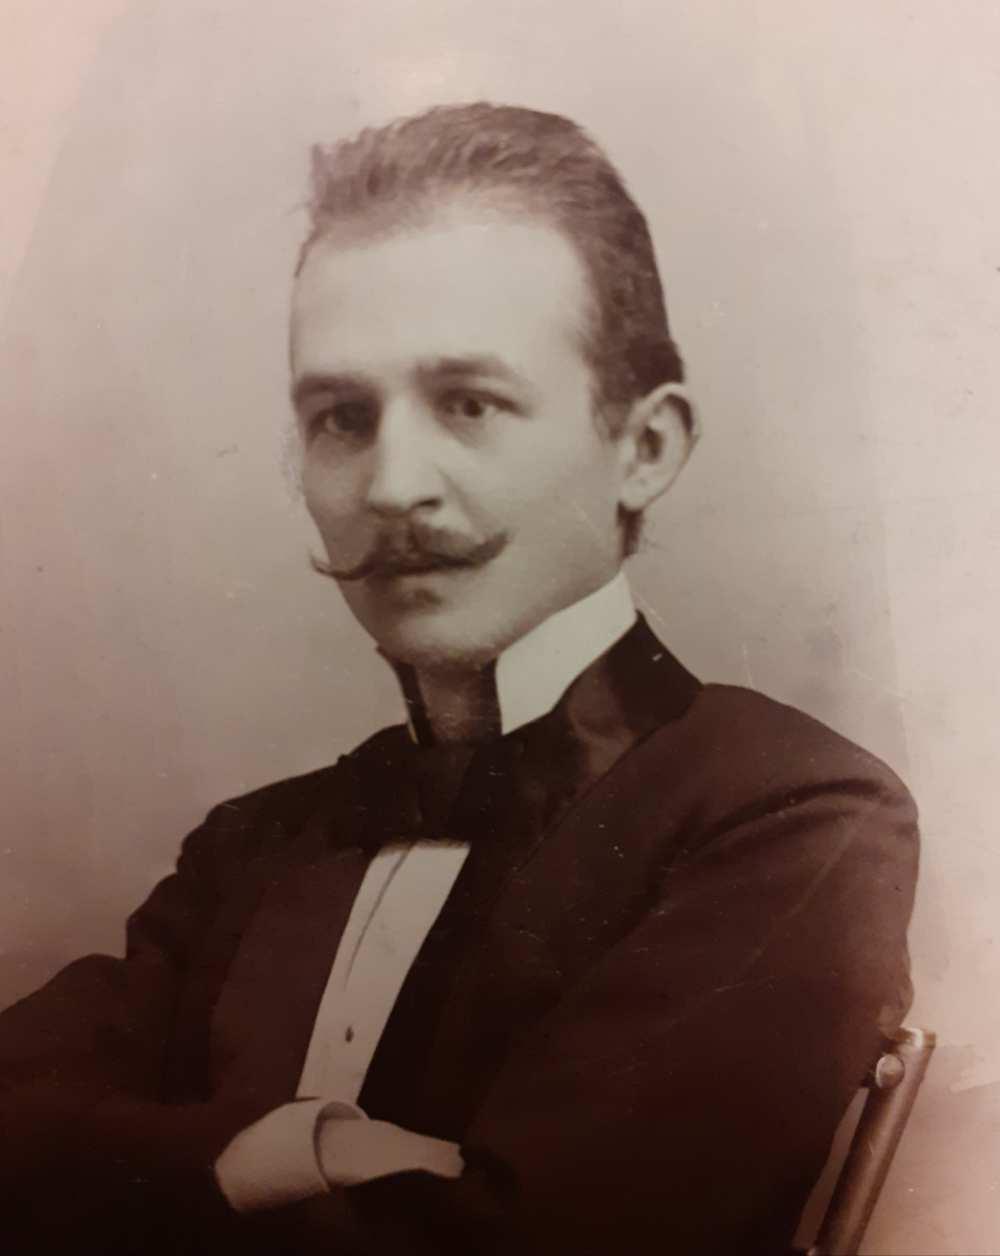 Beöthy László, a Nemzeti Színház igazgatója. Erdélyi fotó KB 3683.1 – Színháztörténeti és Zeneműtár